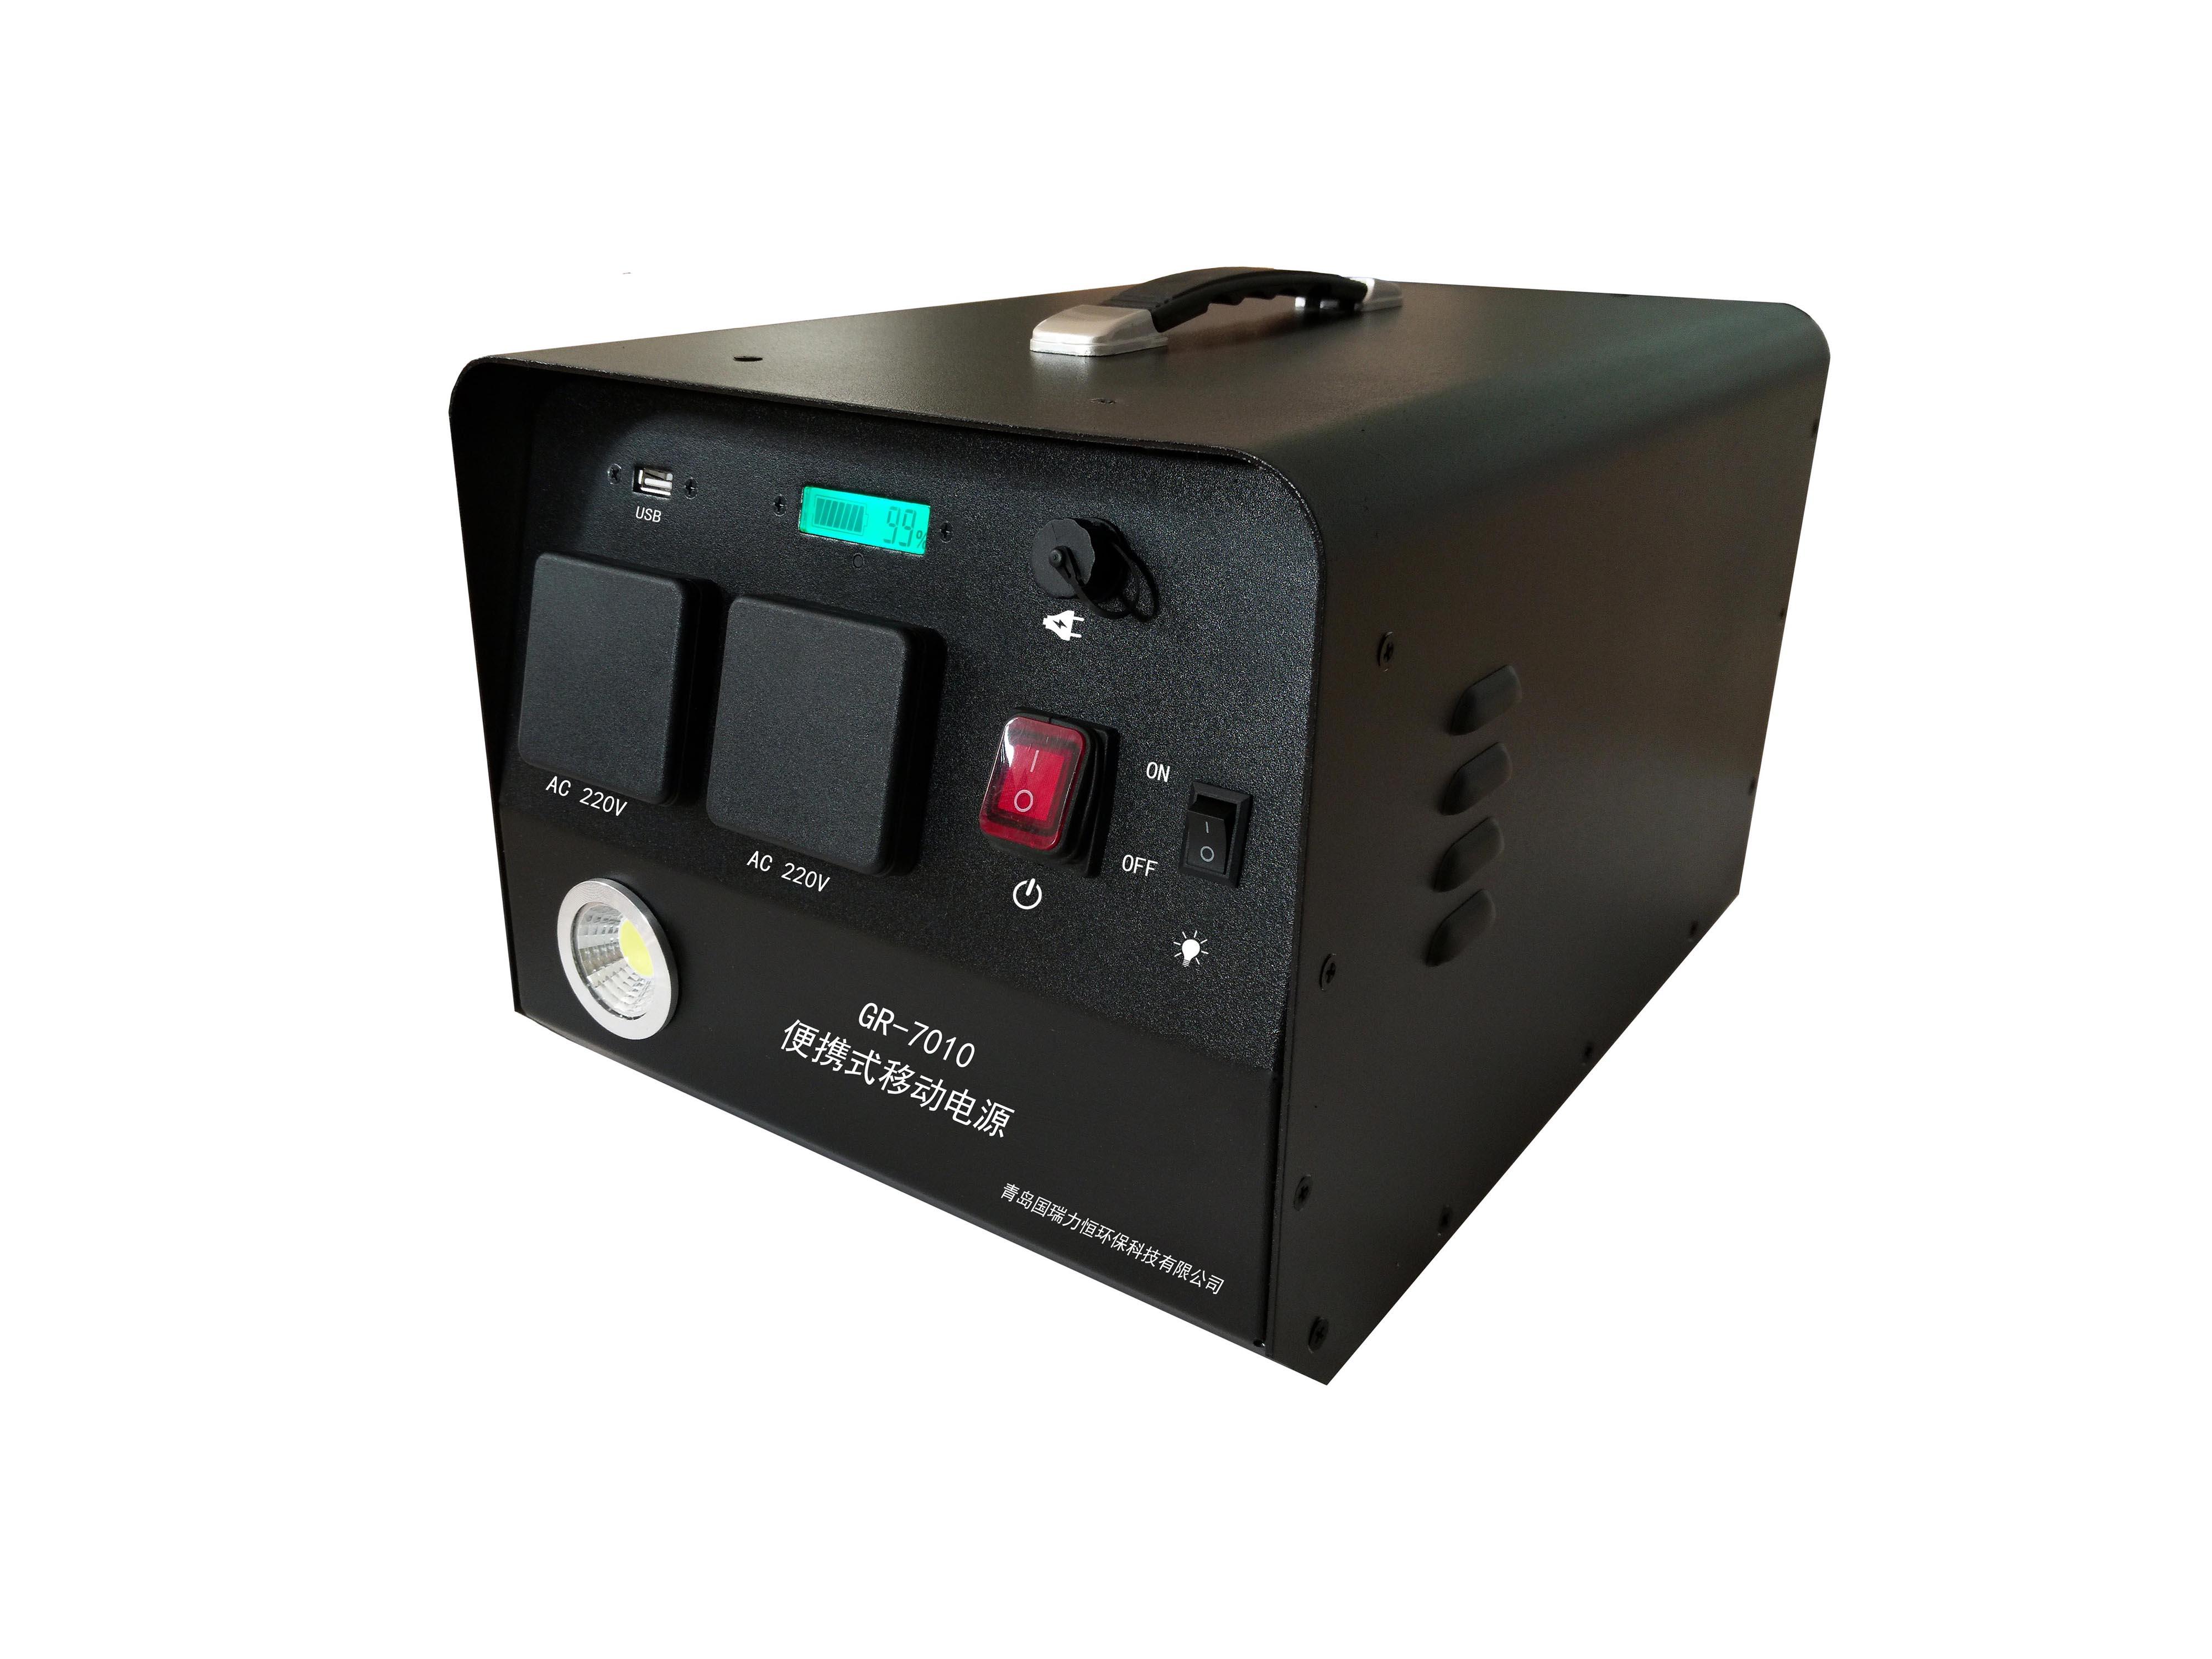 便携式移动电源/采样器专用电源/多功能电源/移动电源交流电源箱